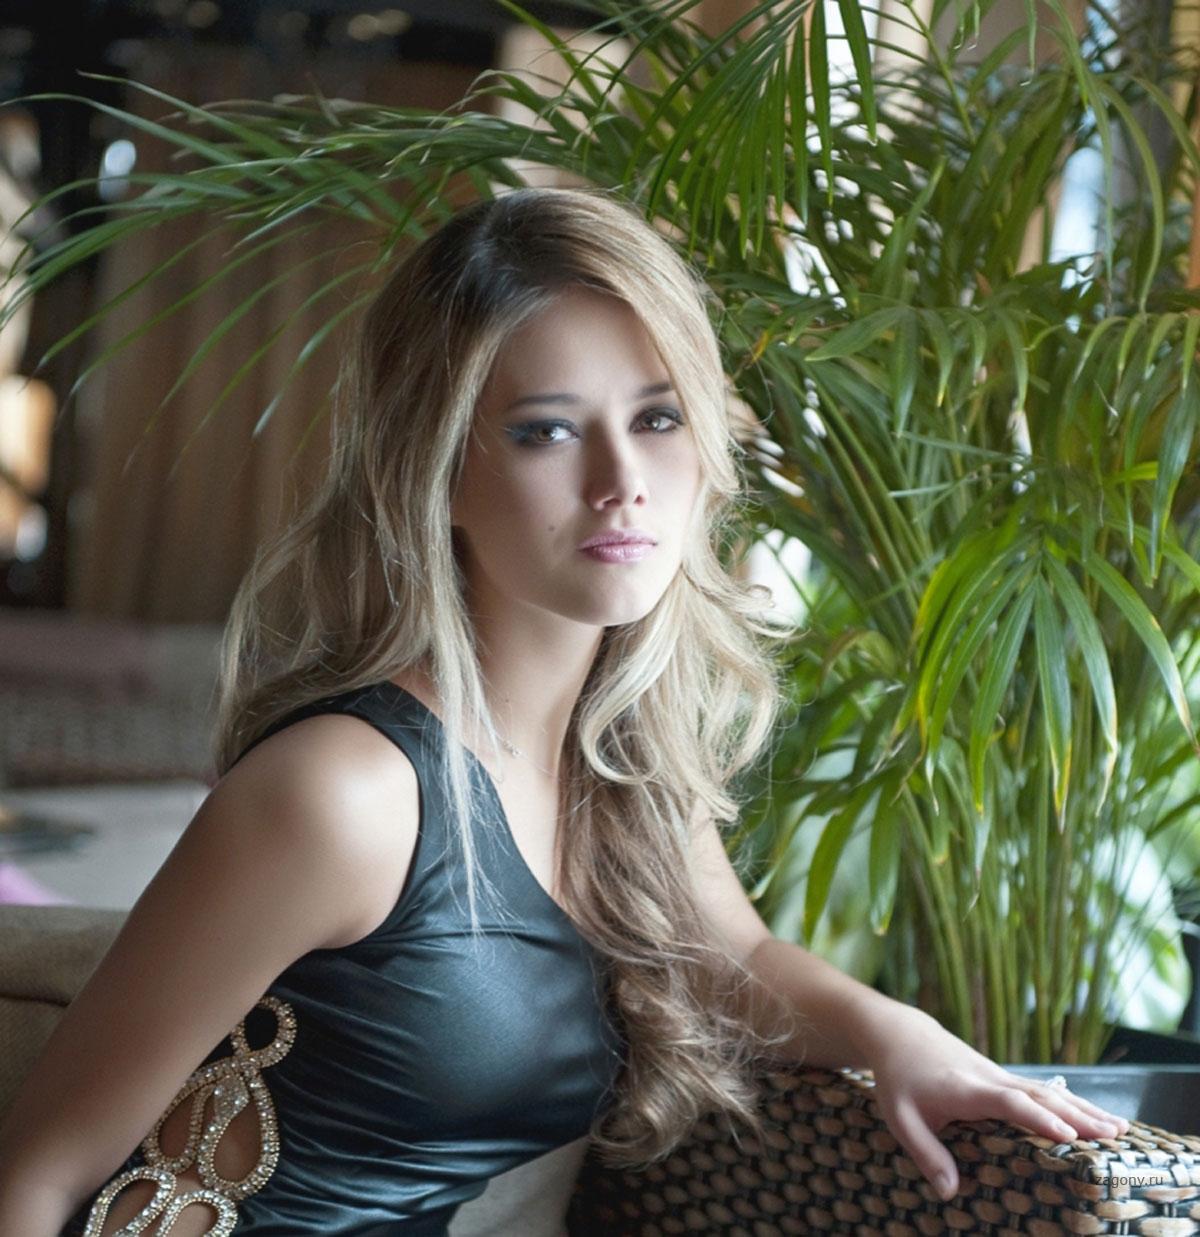 Юлия цибульникова голая 2 фотография